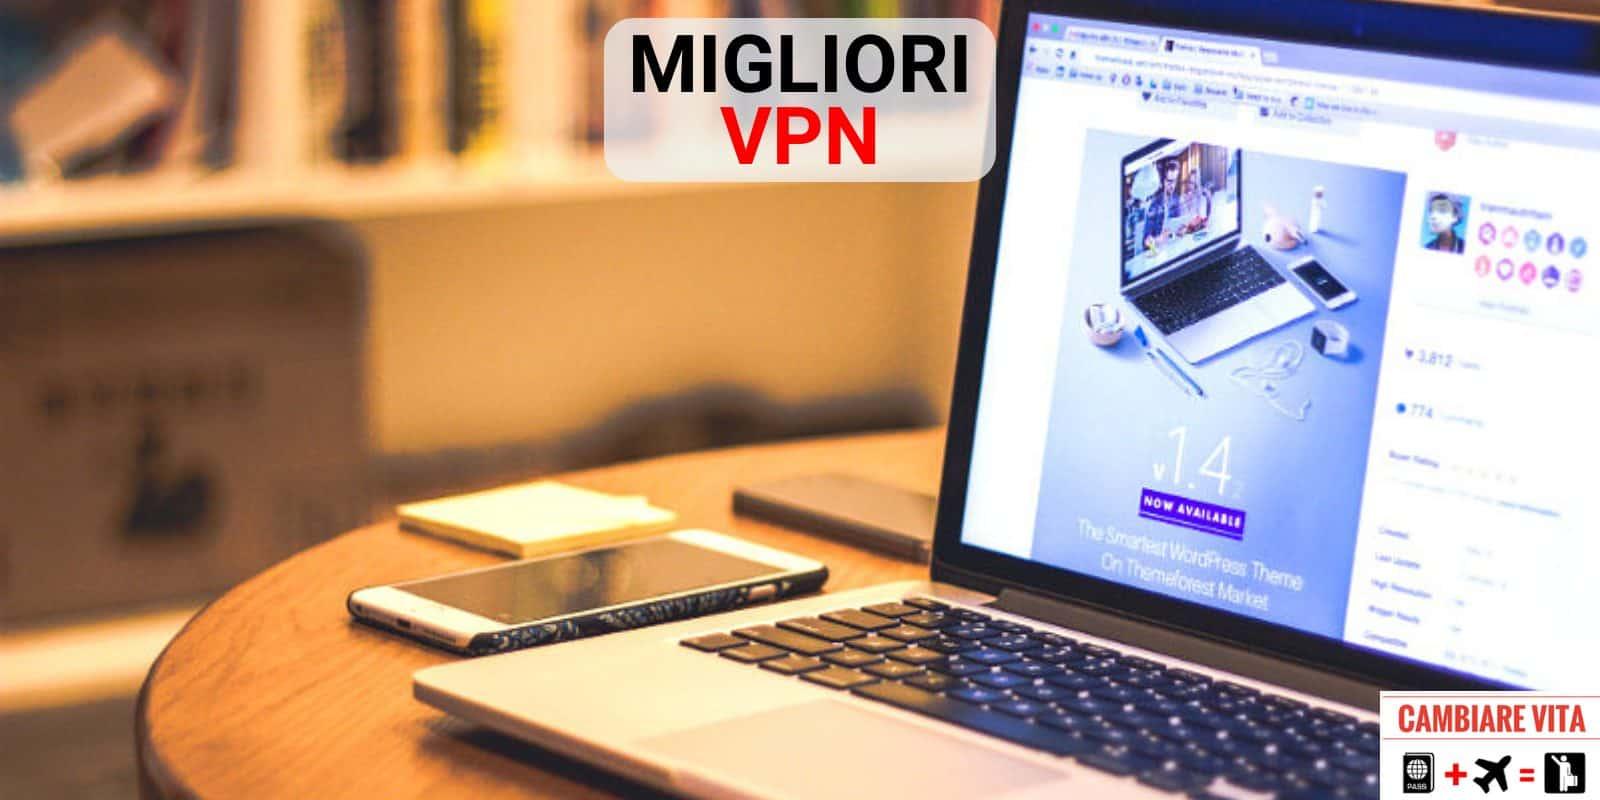 le migliori VPN